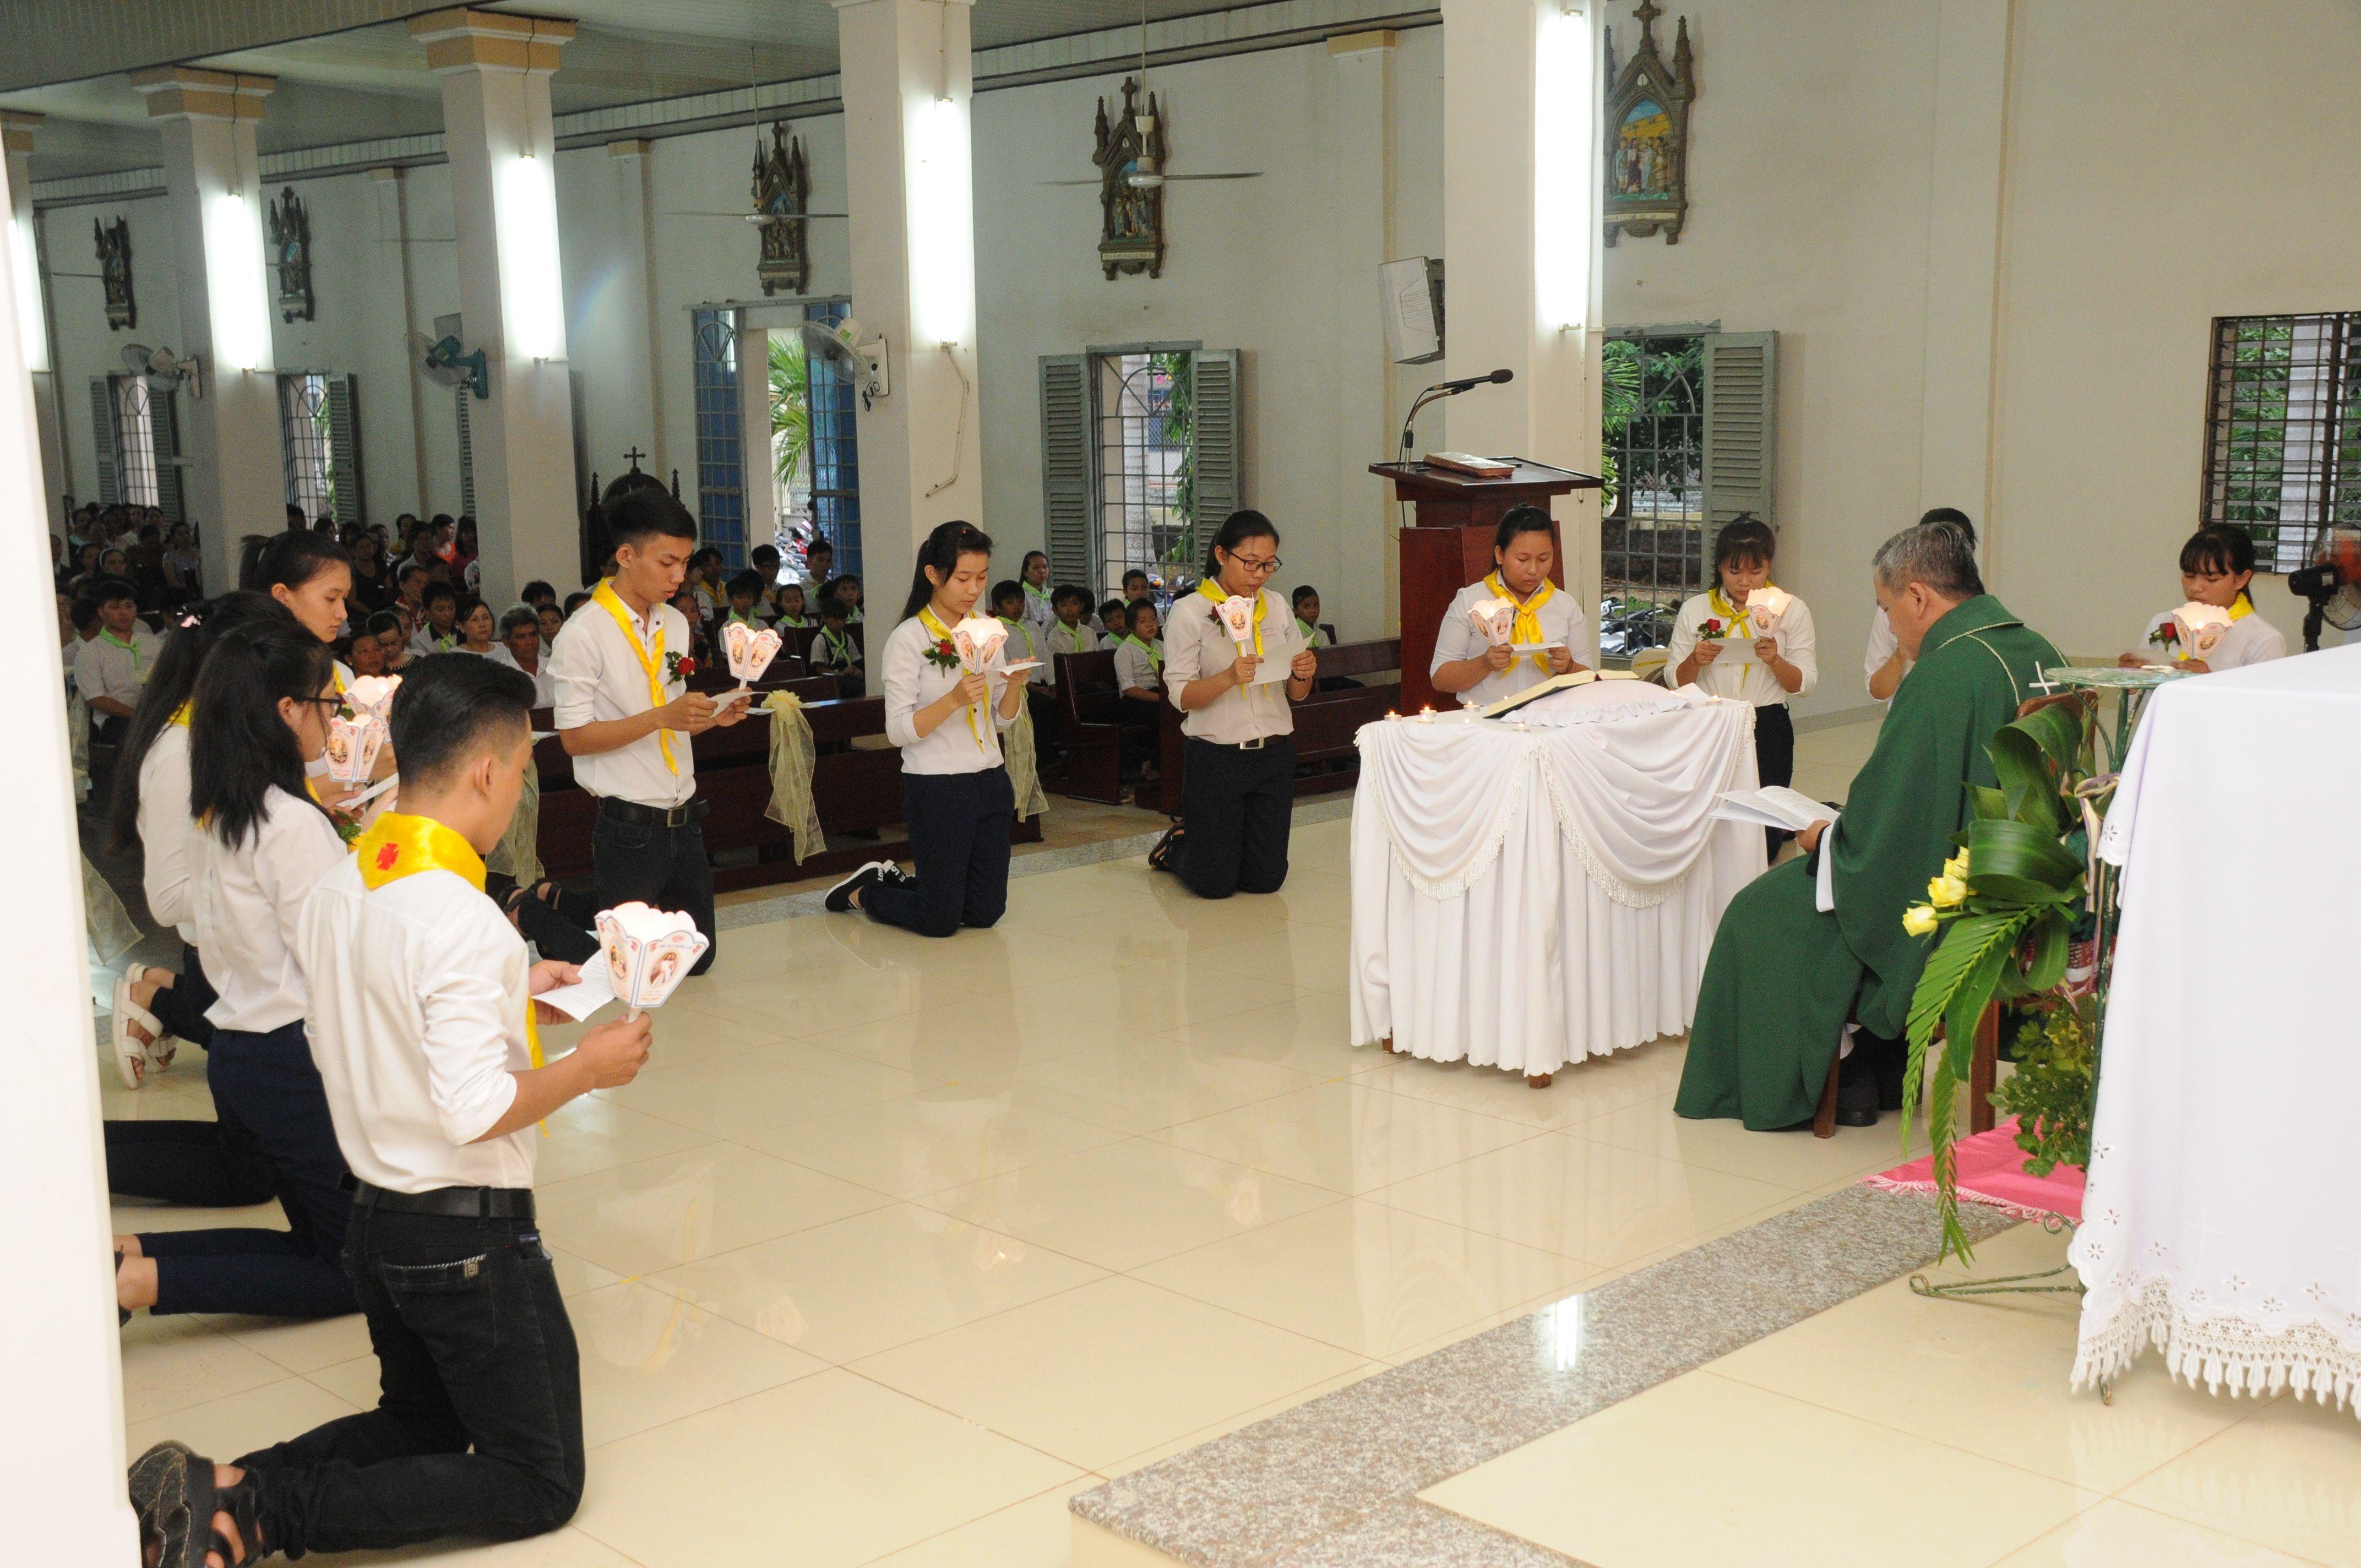 Giáo xứ Đất Đỏ: Thánh lễ Tuyên hứa Bao Đồng và Bế giảng năm học giáo lý 2016-2017